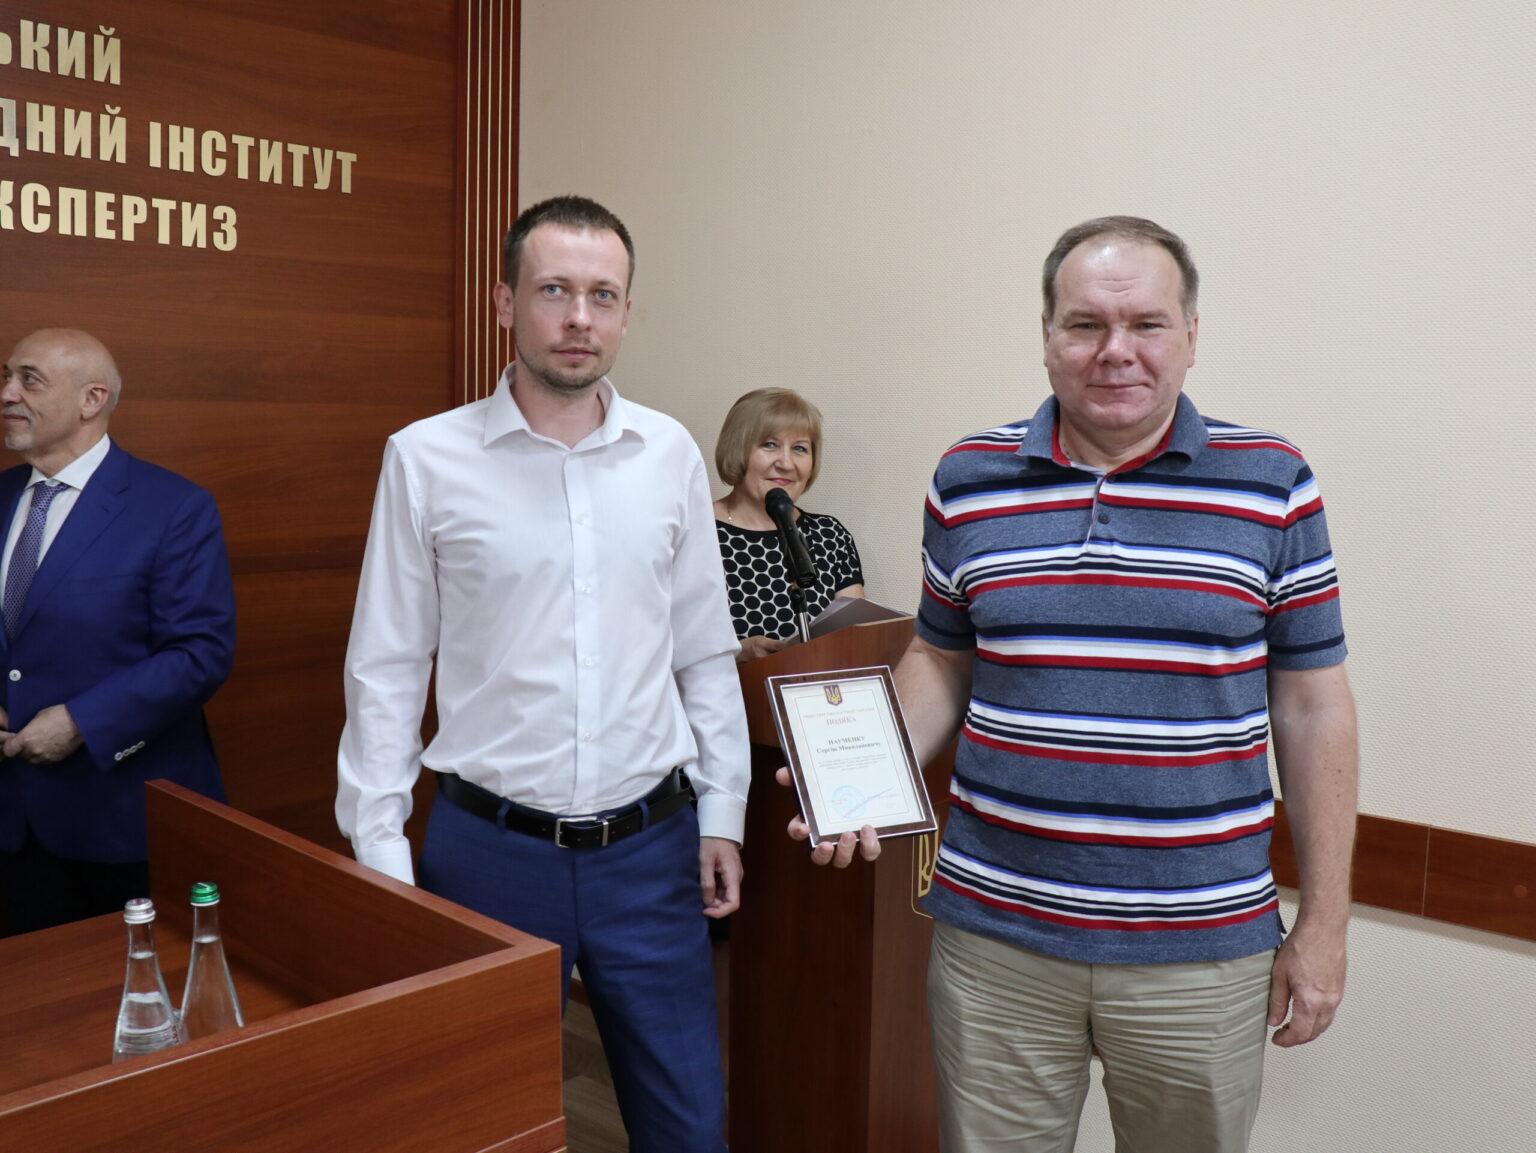 Андрій Гайченко та оловний судовий експерт Сергій Науменко